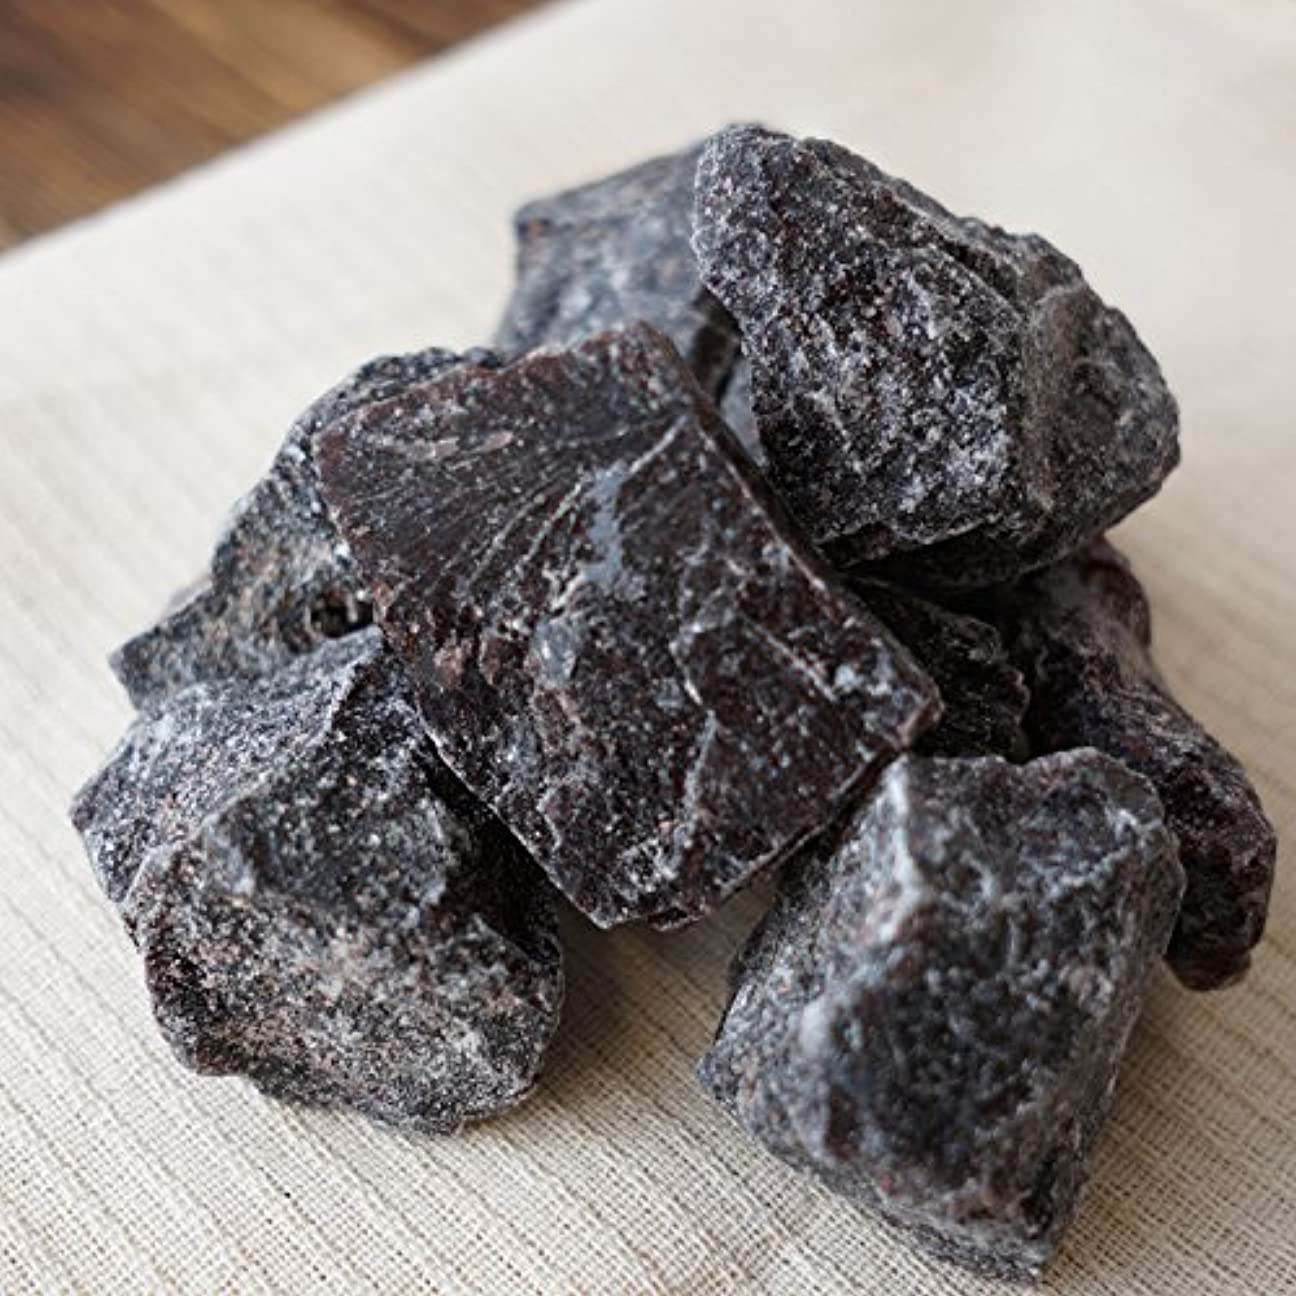 と少年墓地希少 インド岩塩 ルビー ブロック 約2-5cm 20kg 20,000g 原料